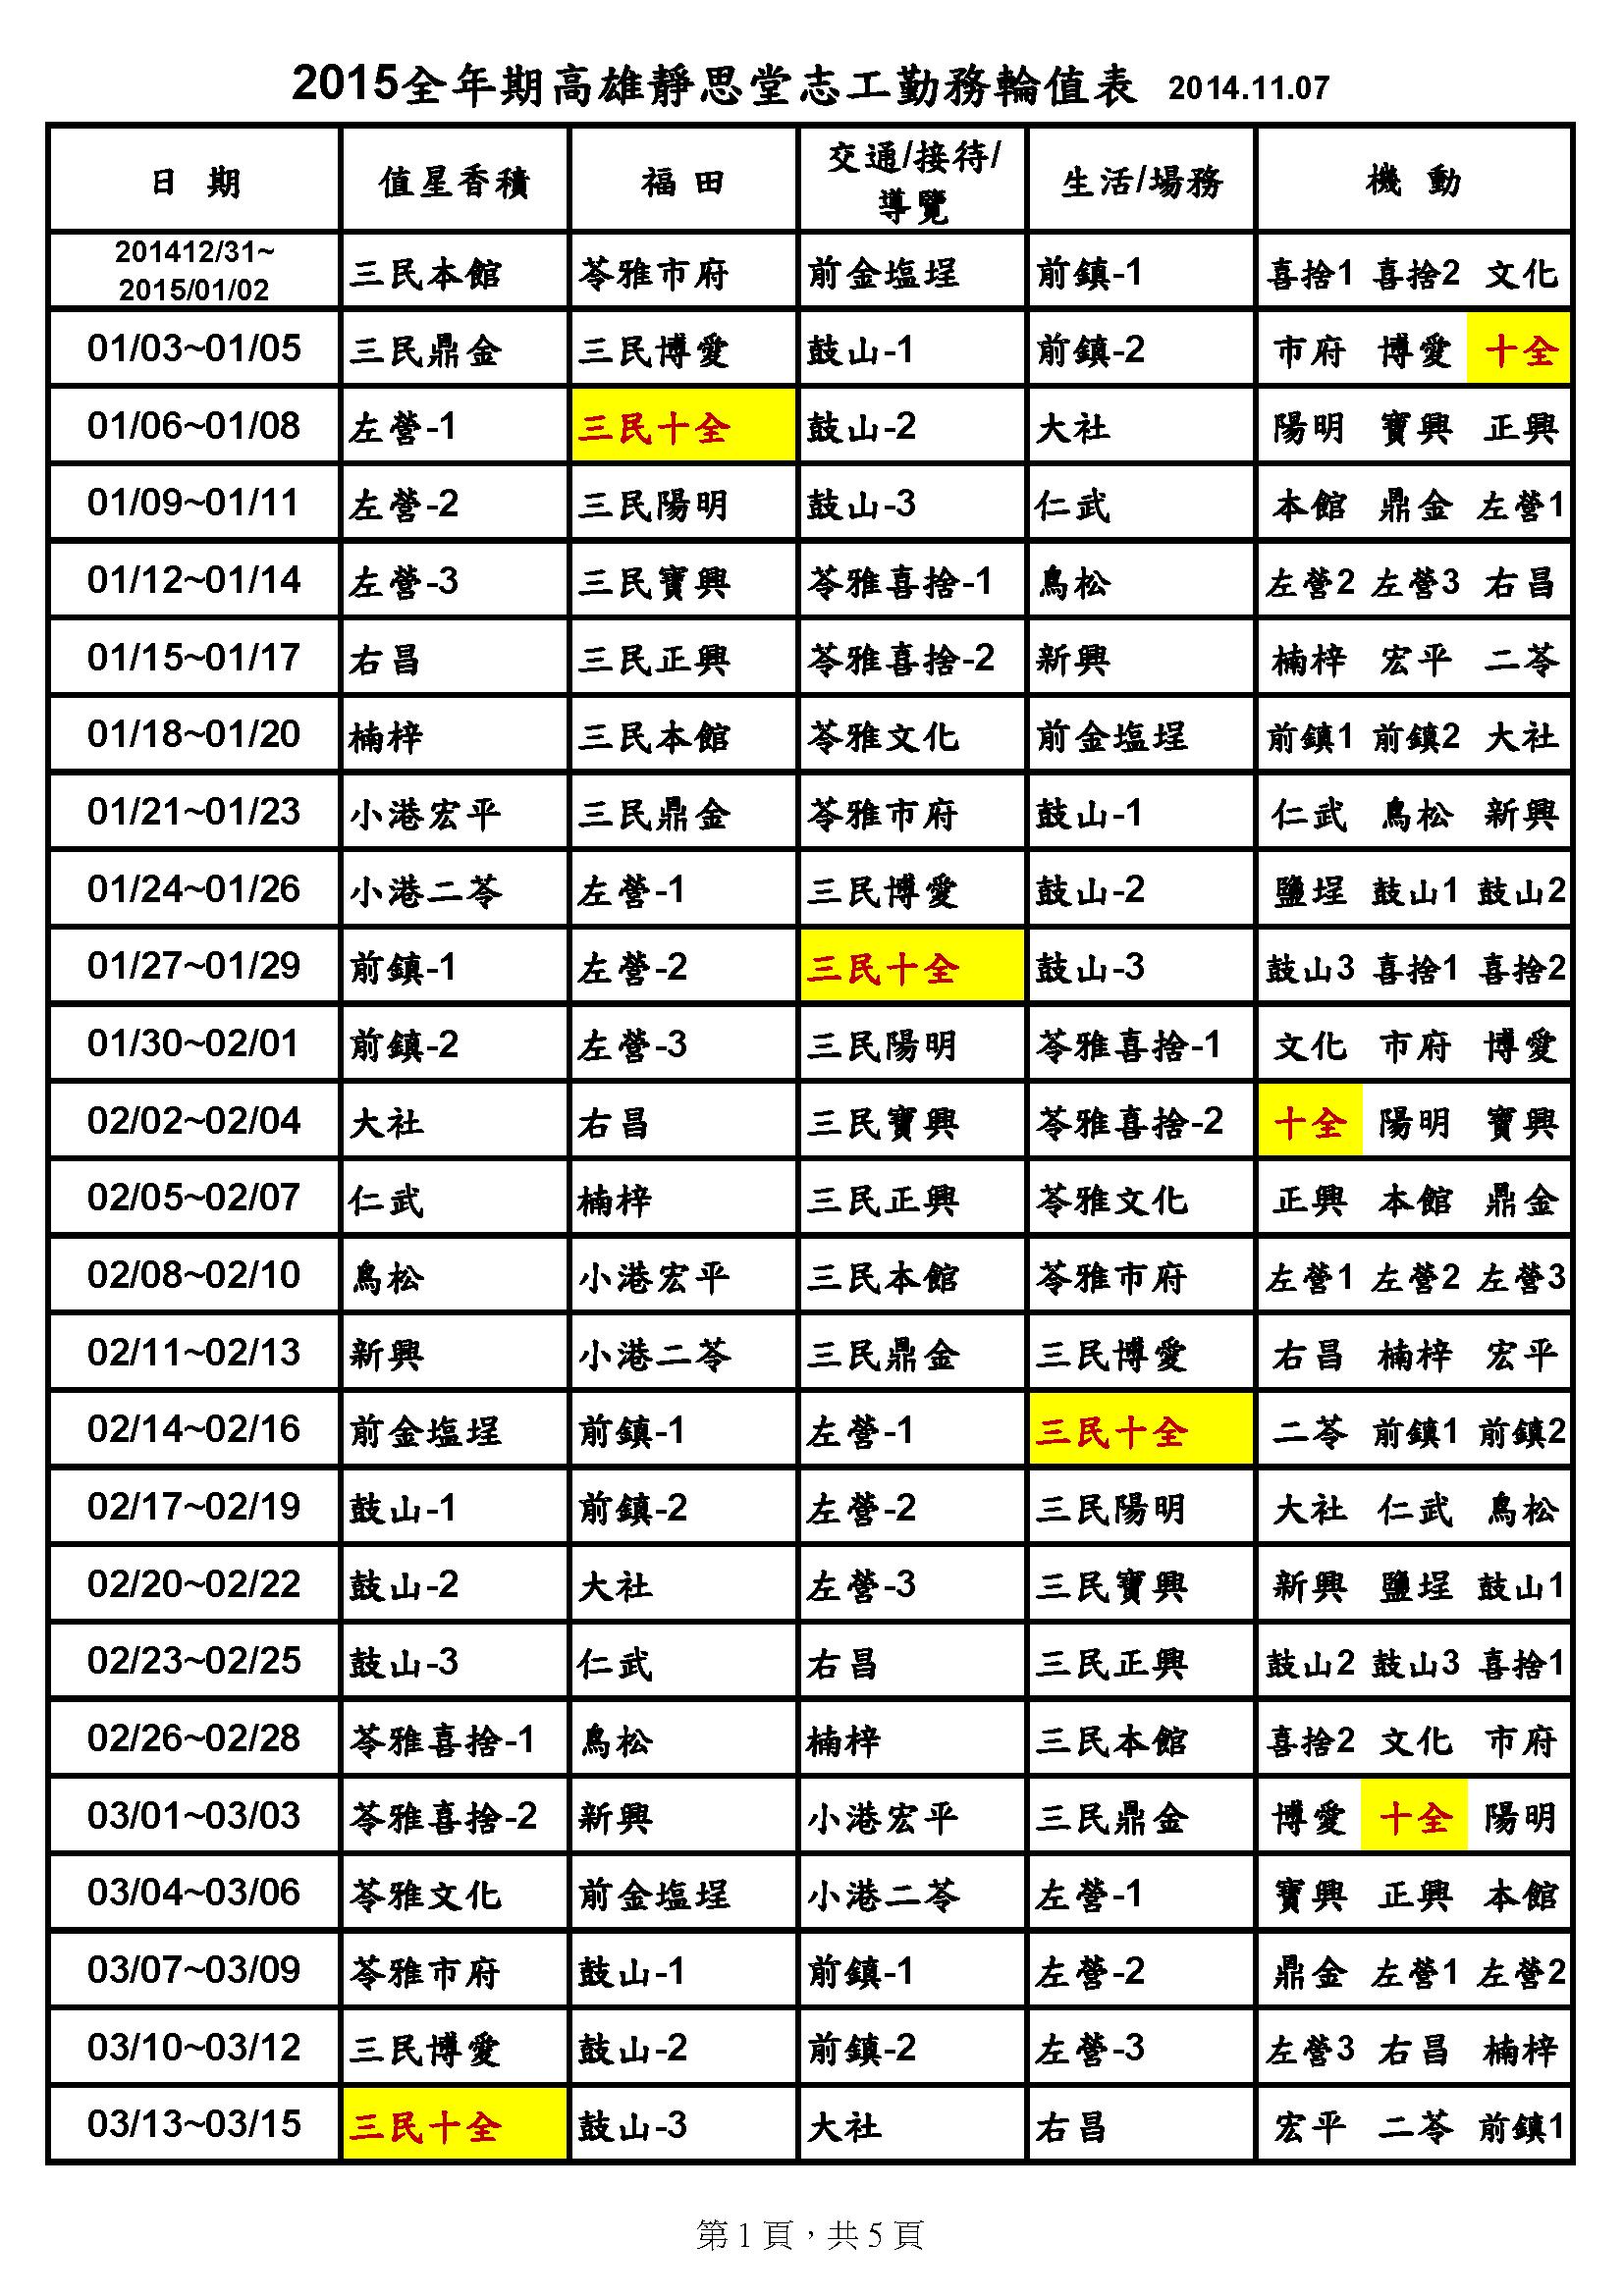 2015全年期高雄靜思堂志工勤務輪值表20141107_頁面_1.png